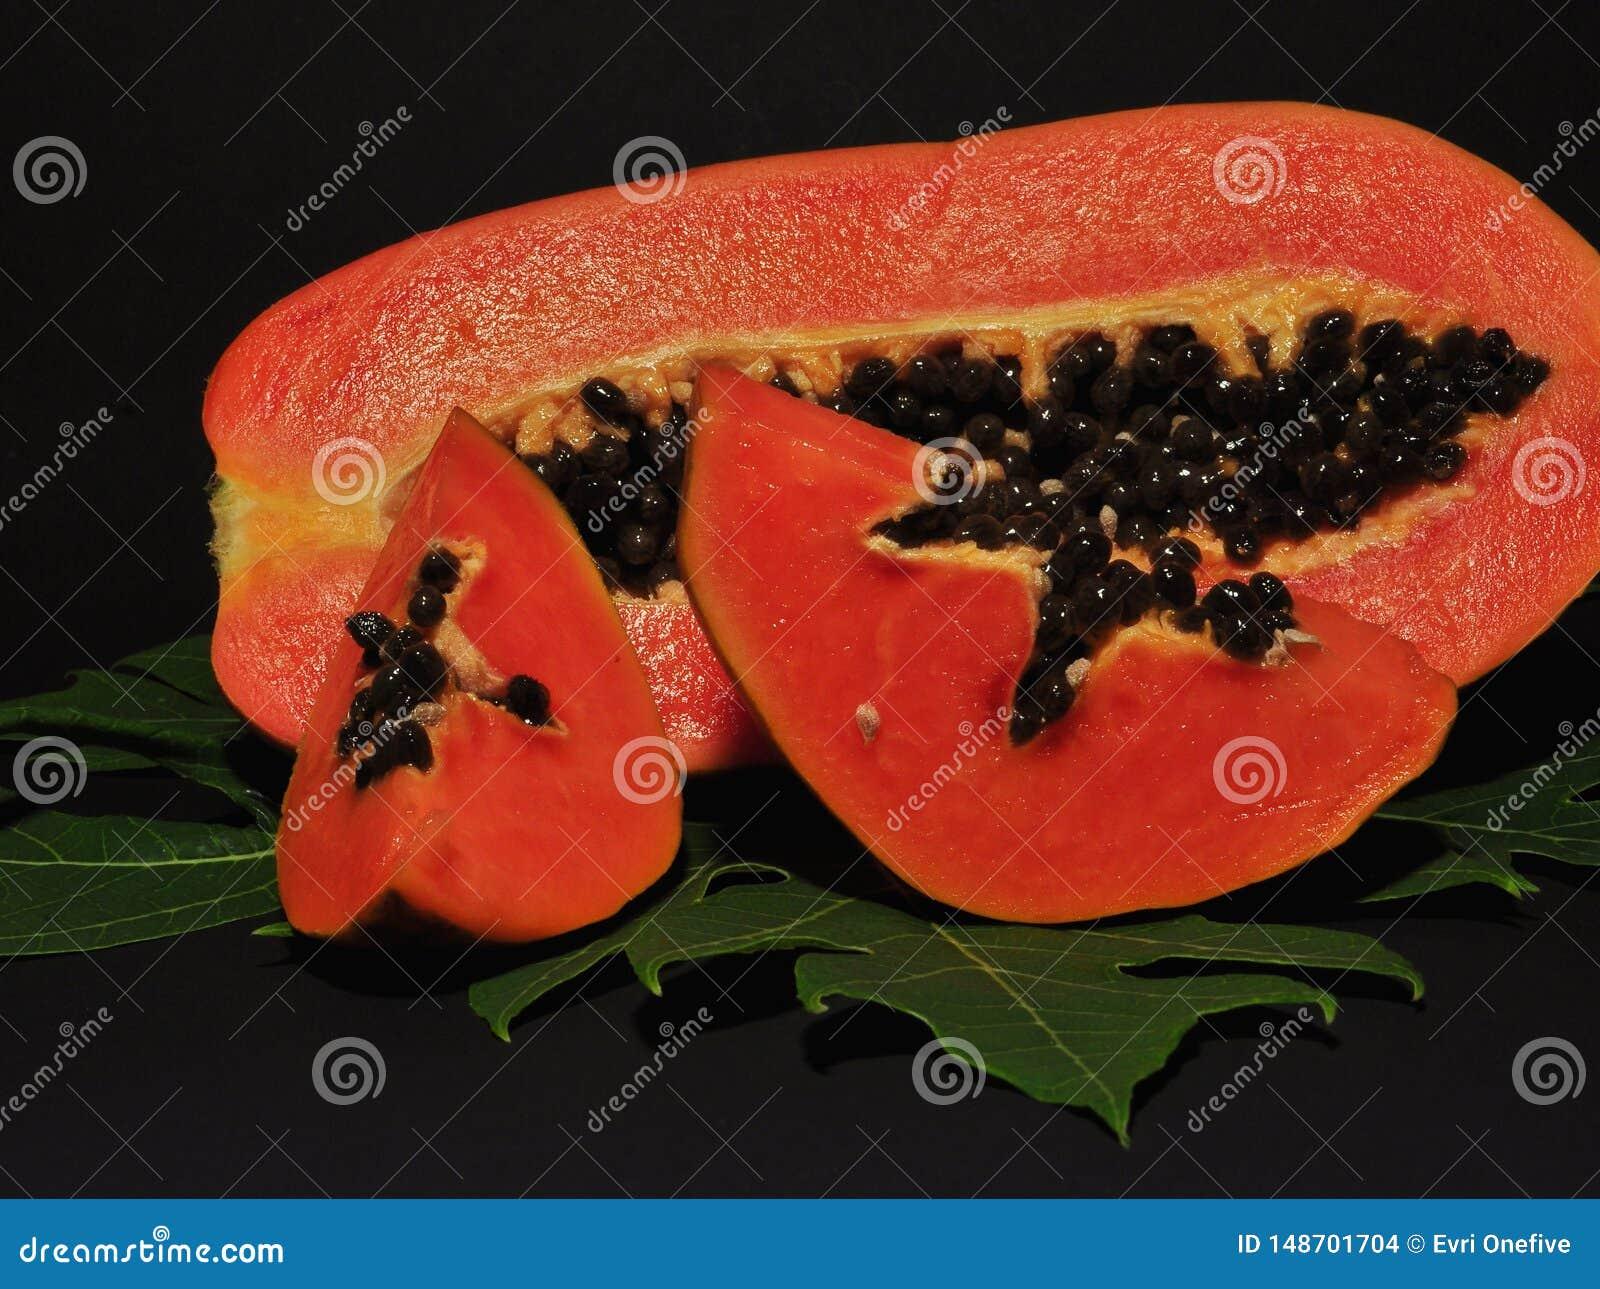 Papaya fruit isolated on black background